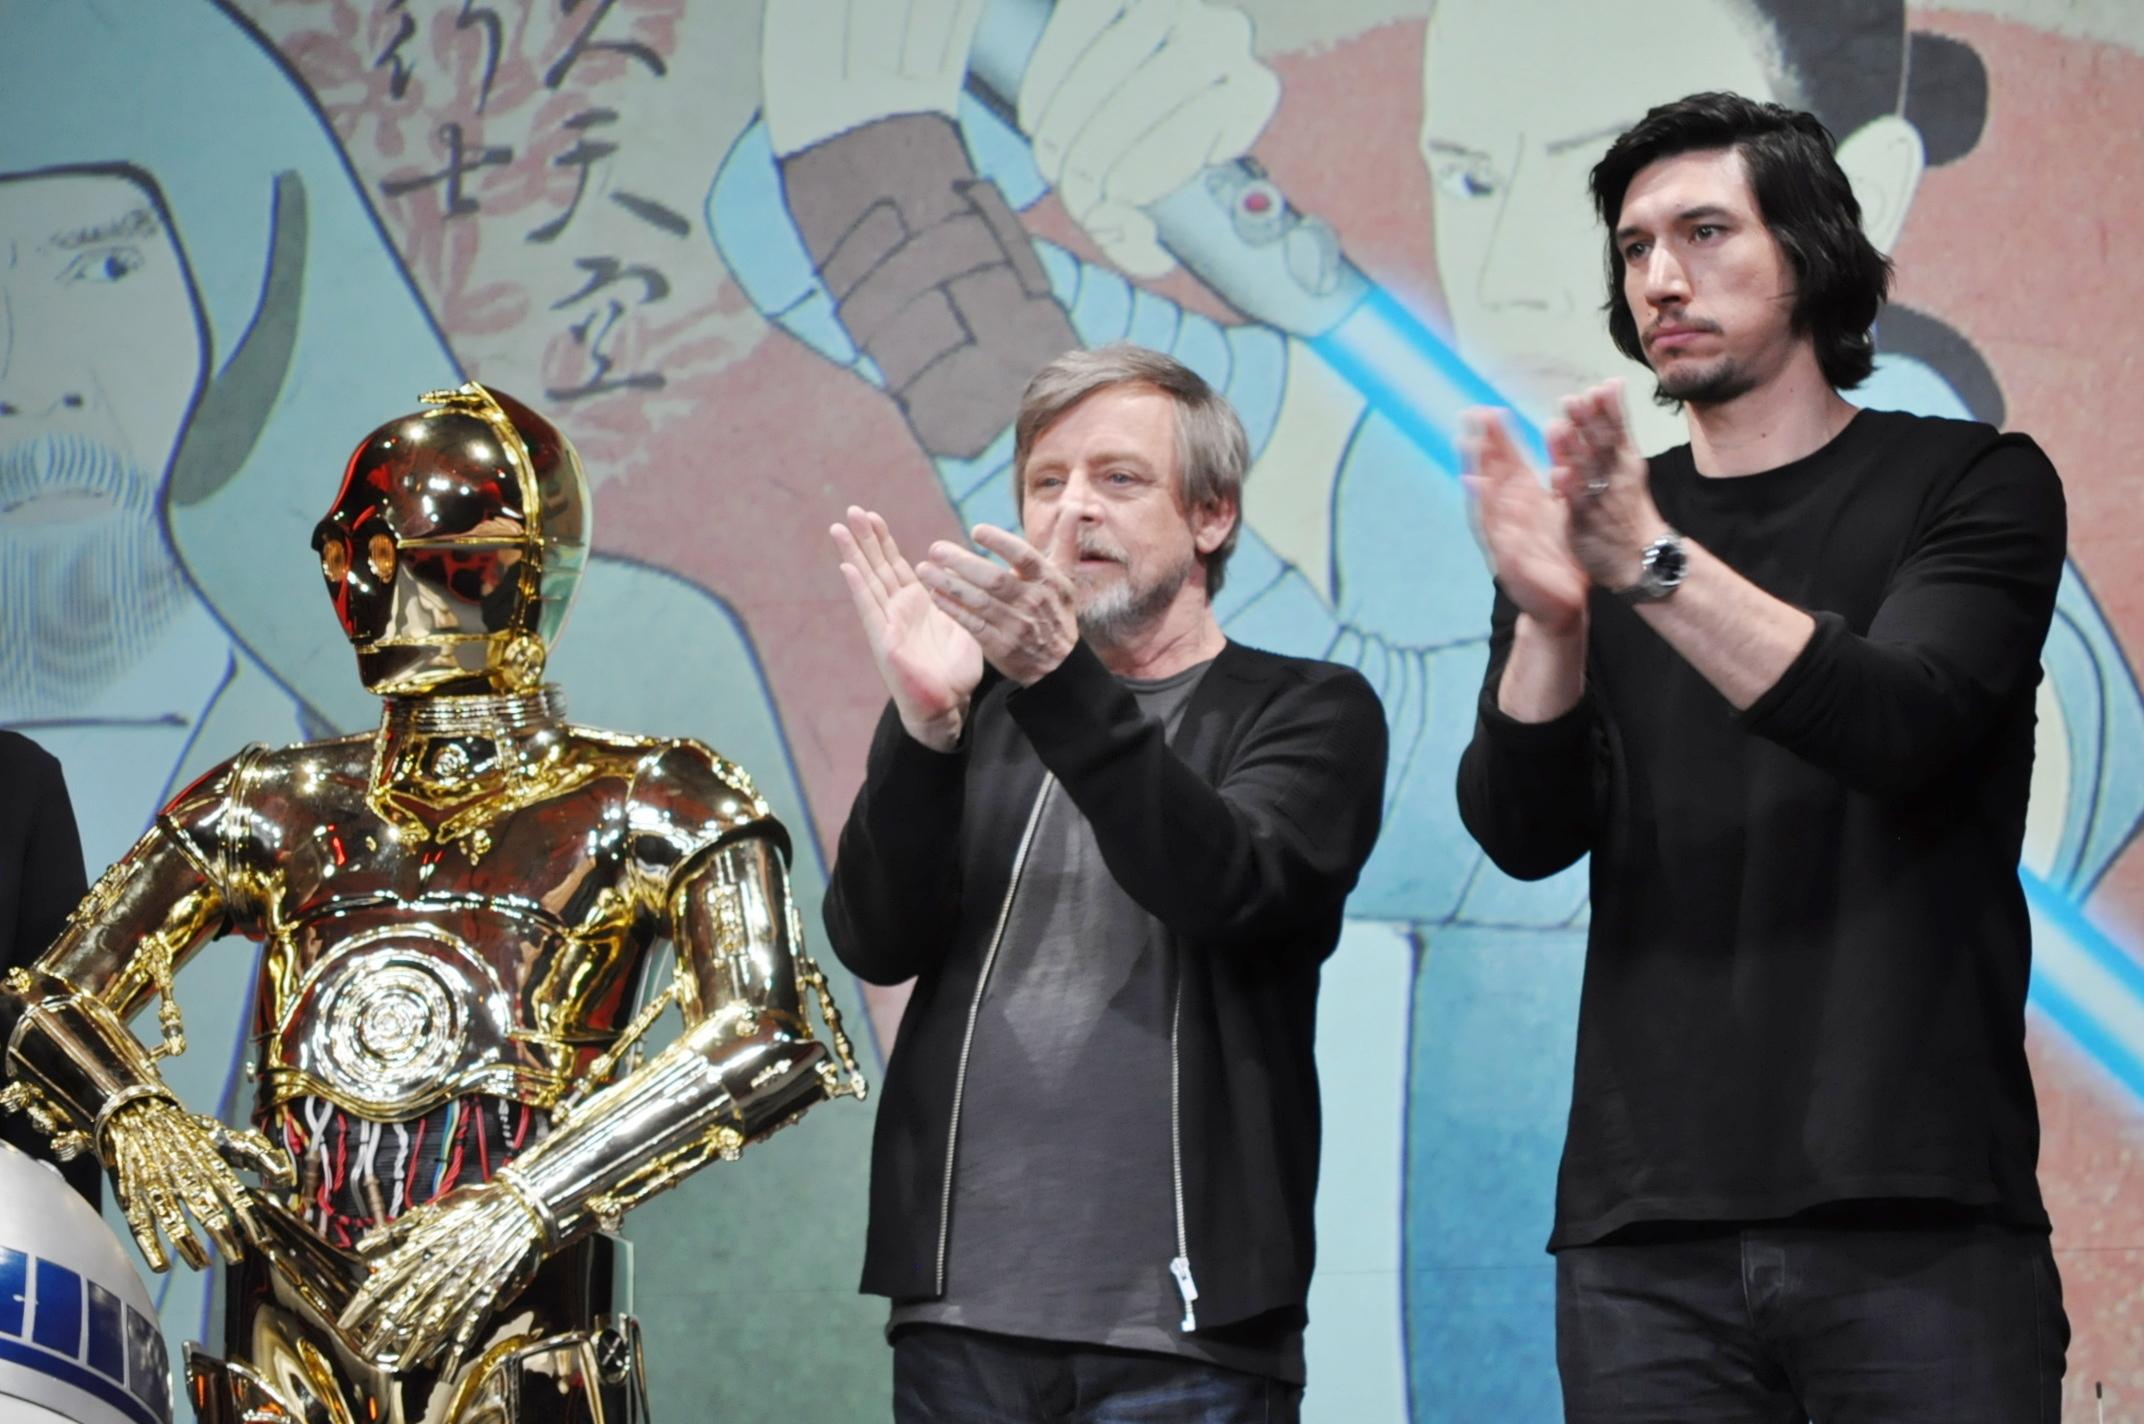 左から、C-3PO、マーク・ハミル、アダム・ドライバー